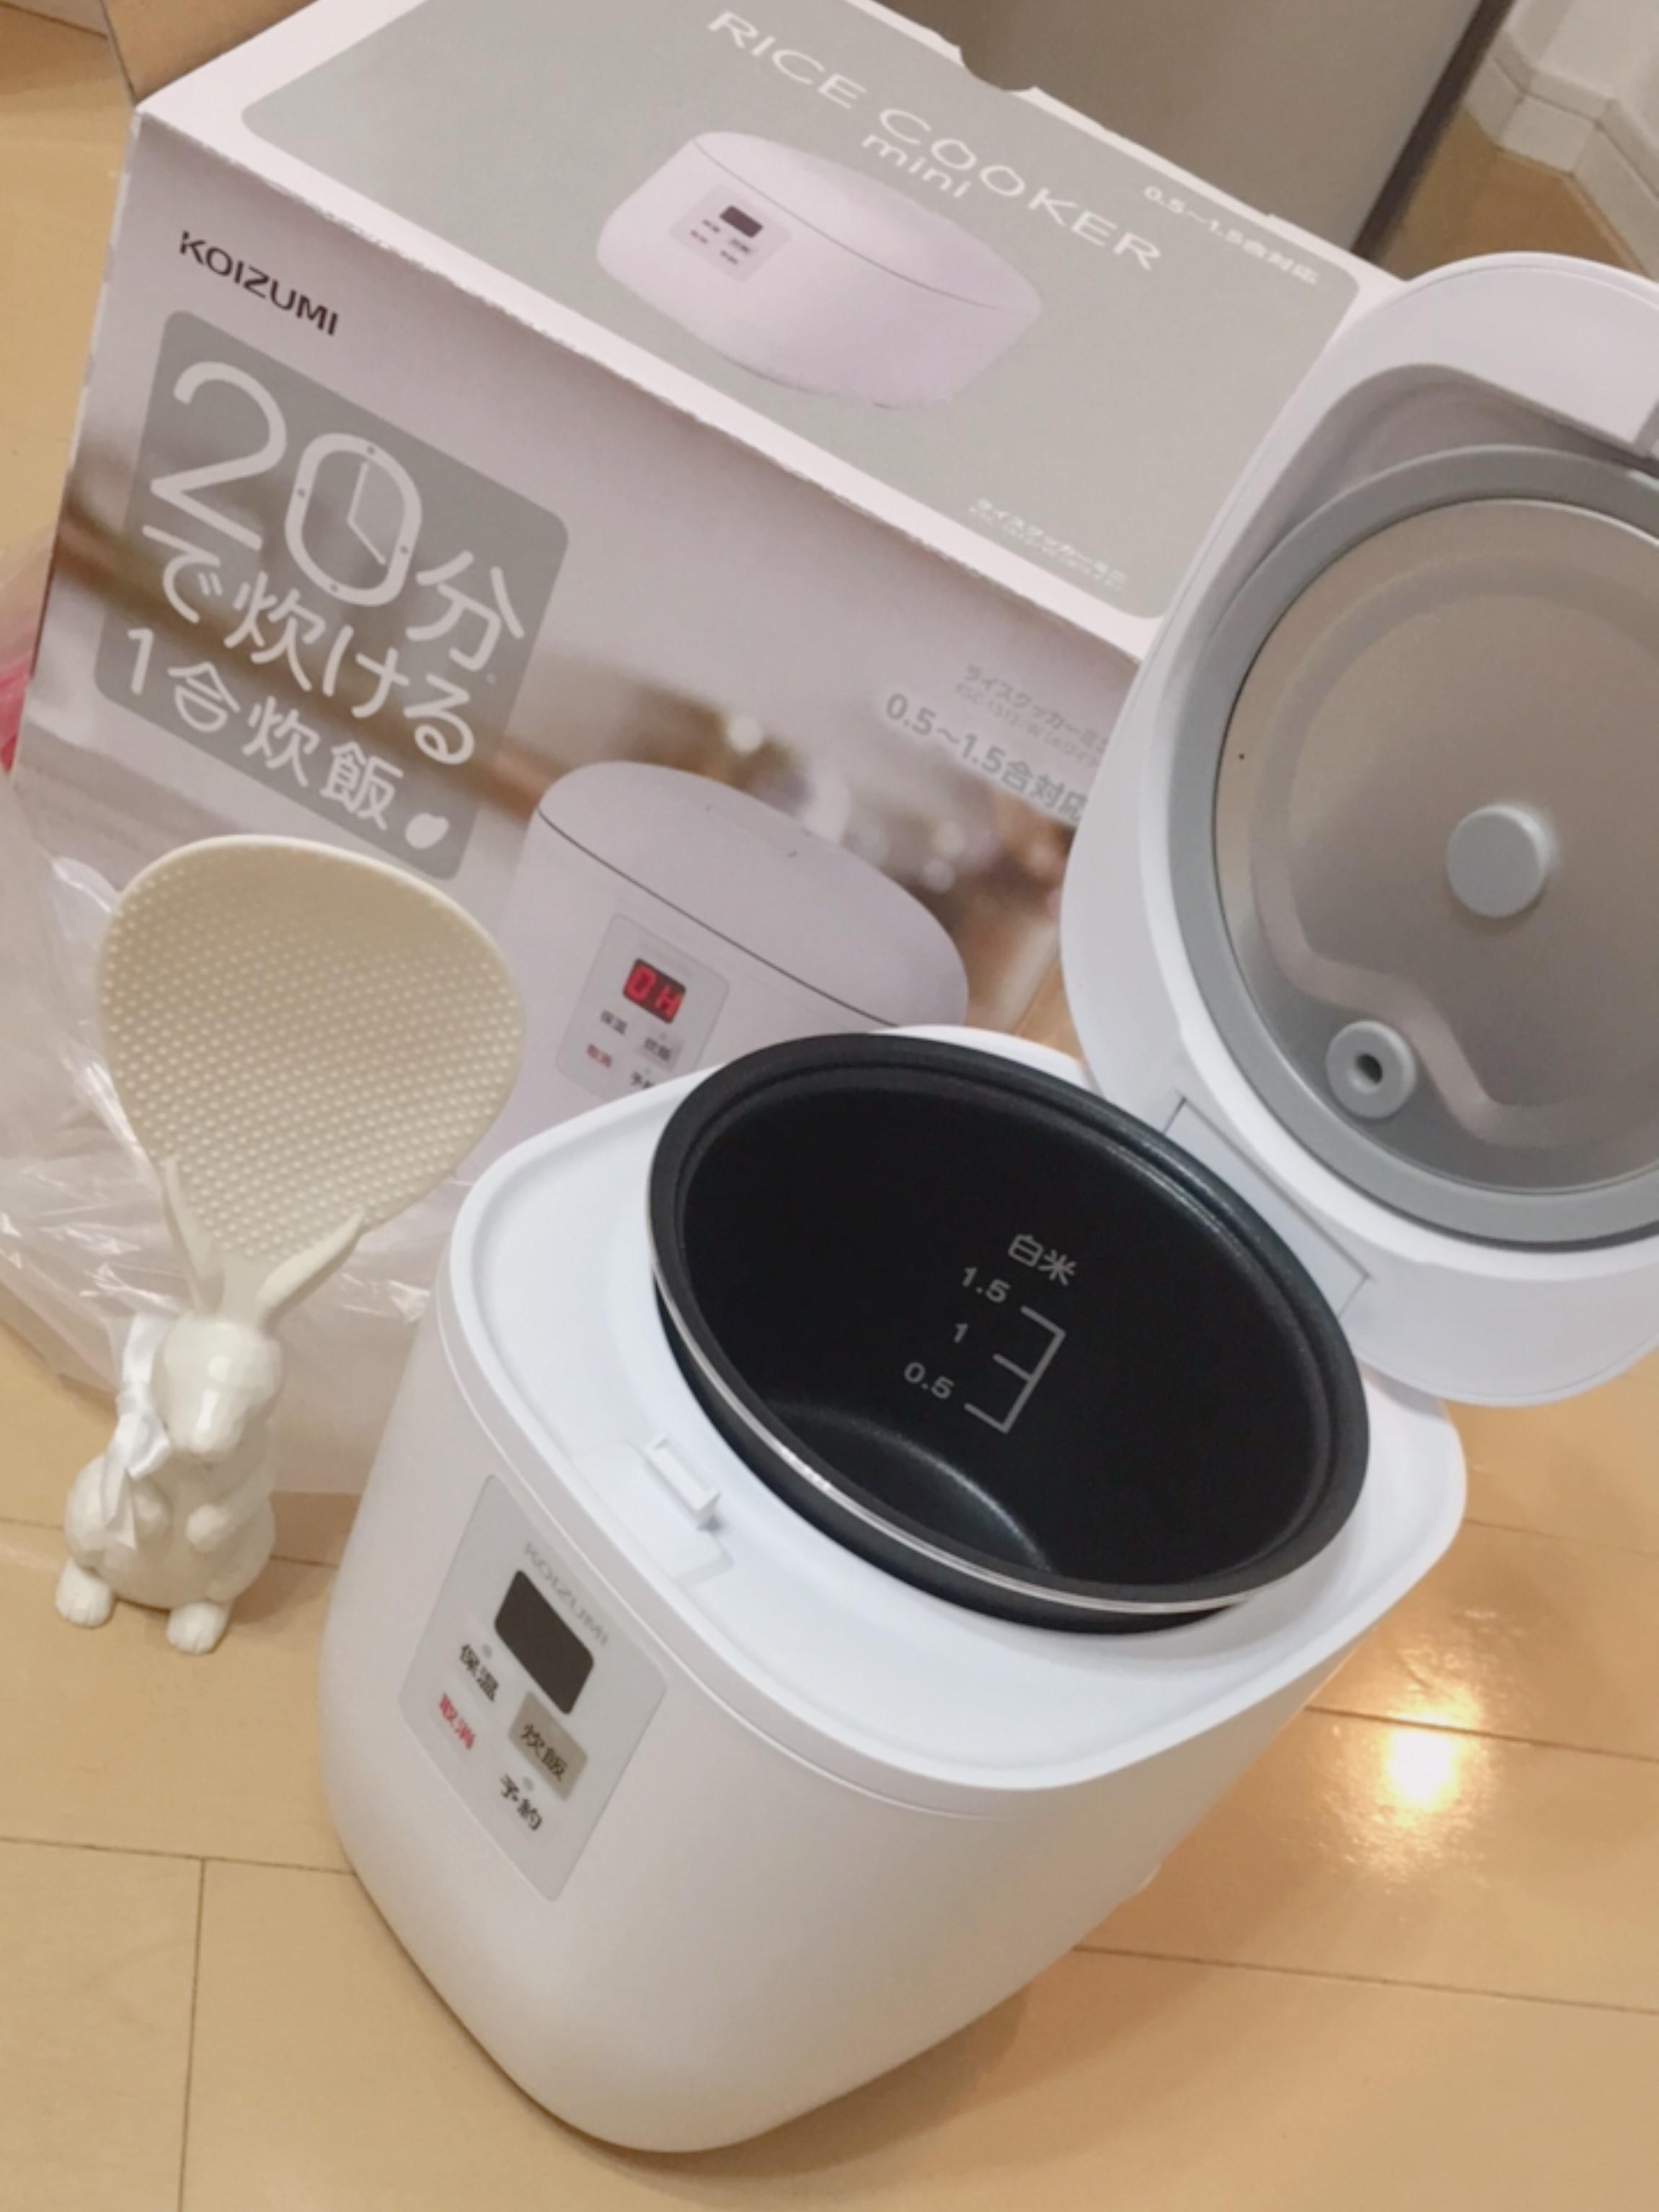 コイズミライスクッカーミニホワイト炊飯器の画像